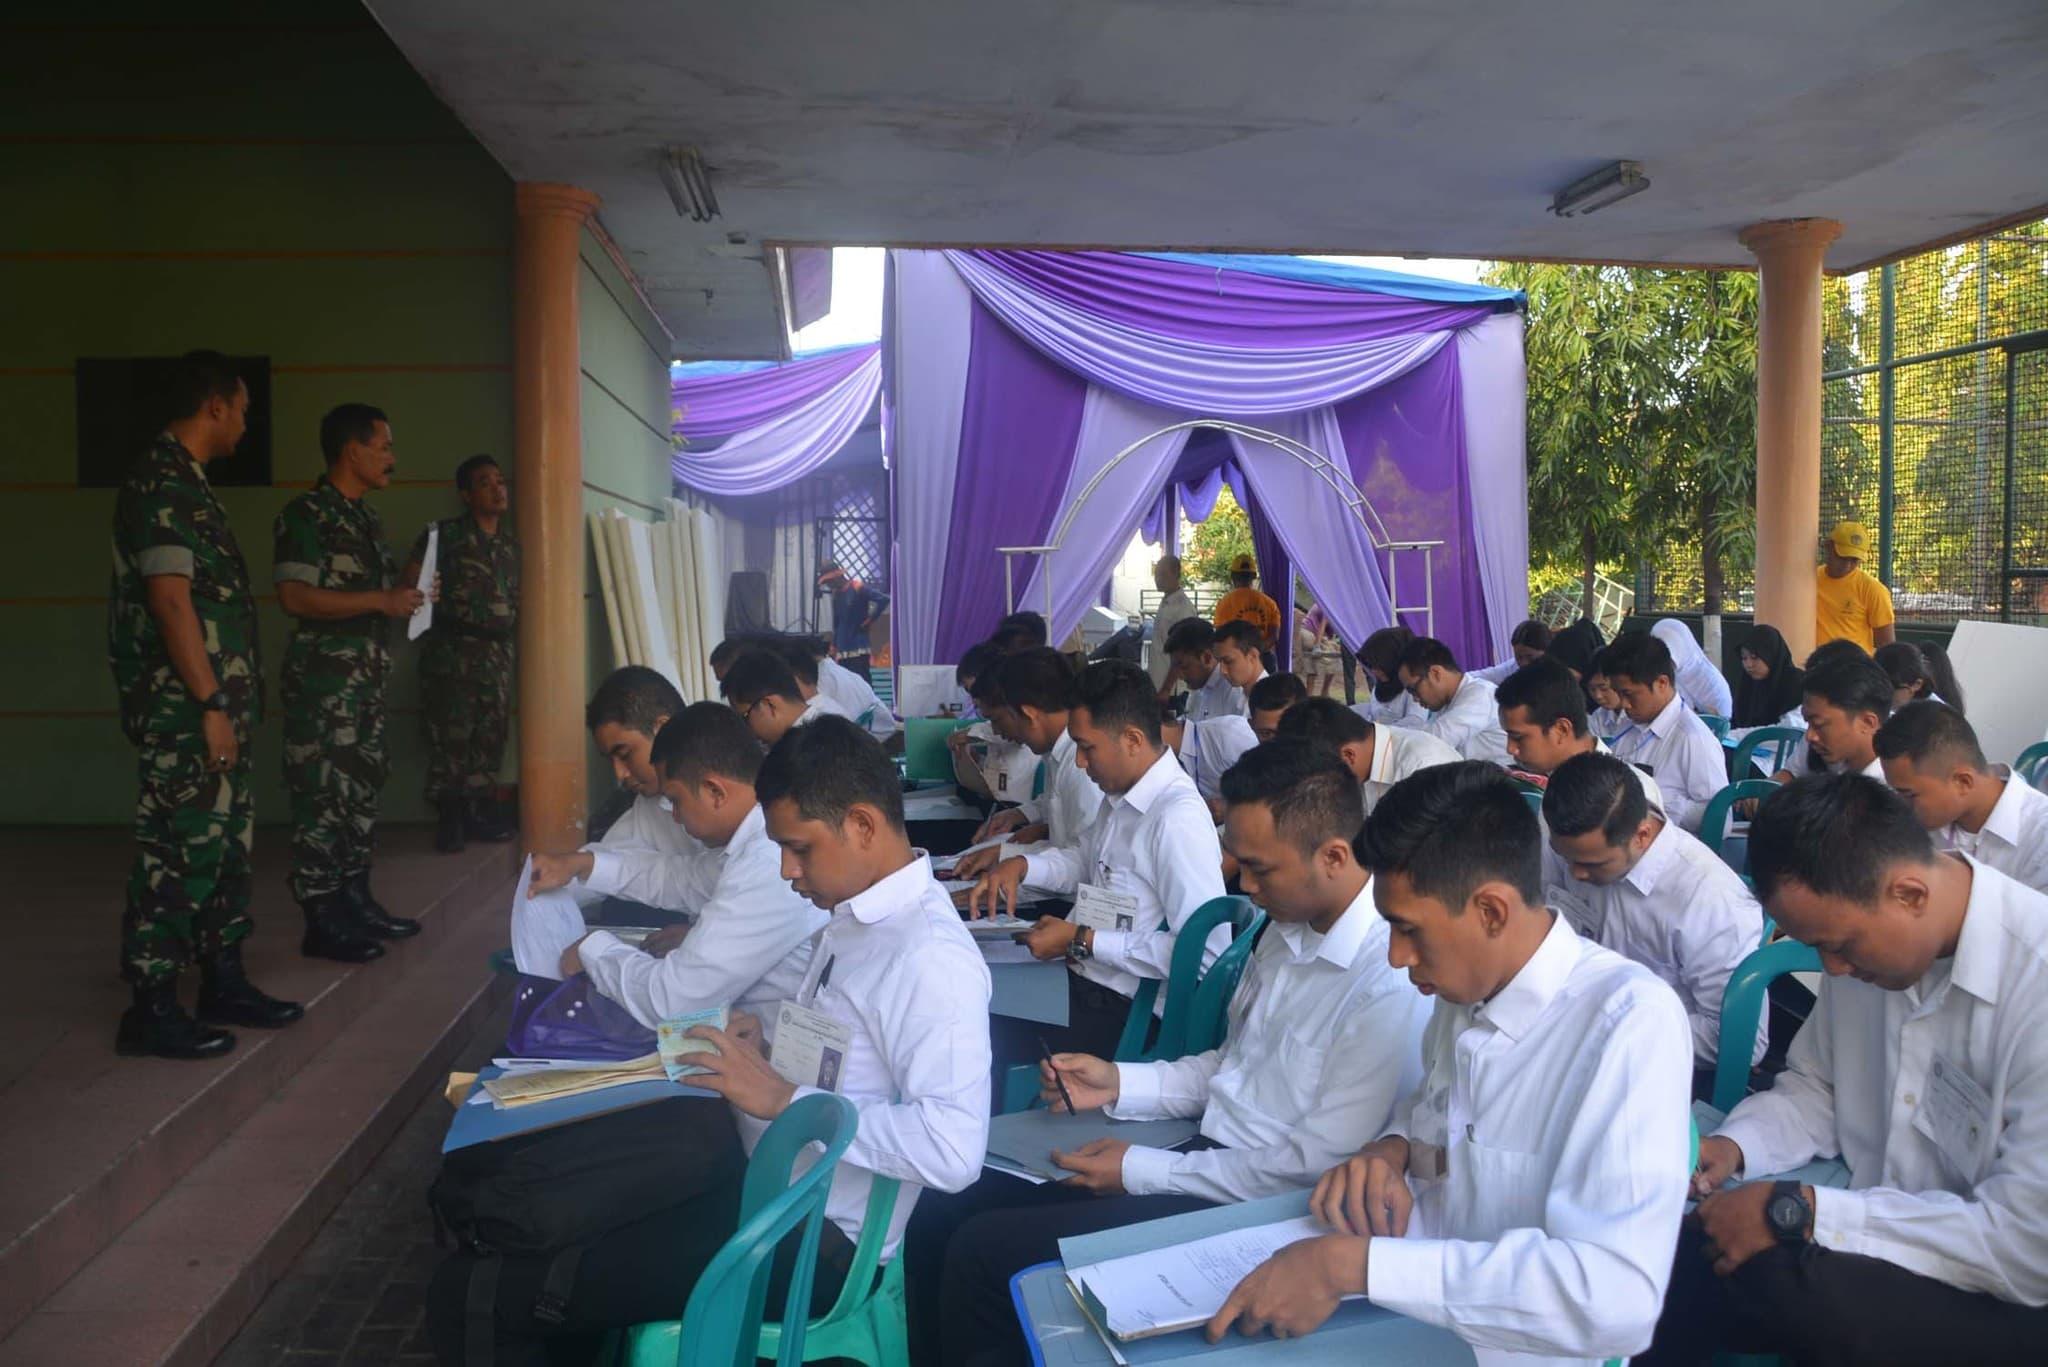 Korem 084/BJ Seleksi Calon Perwira Prajurit Karir Khusus Kesehatan